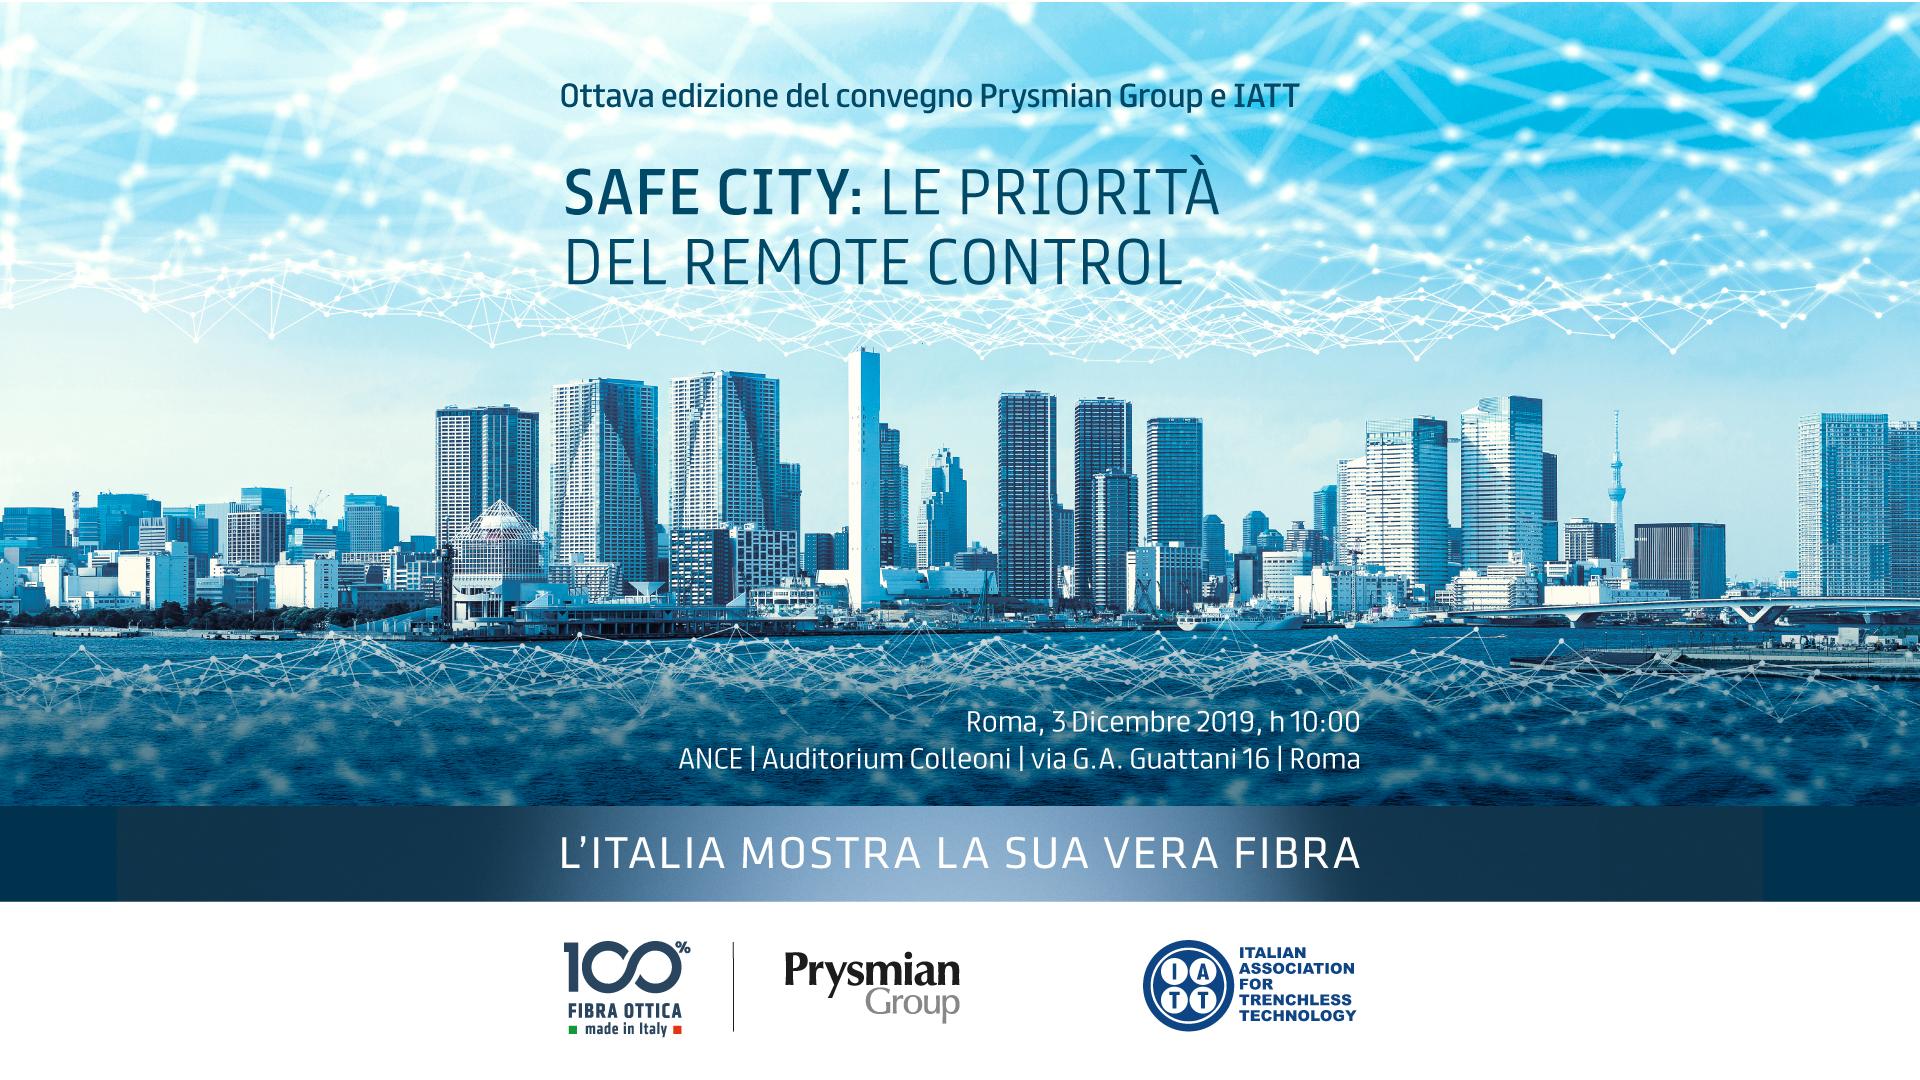 """PRYSMIAN GROUP E IATT INSIEME PER L'INCONTRO """"SAFE CITY: LE PRIORITÀ DEL REMOTE CONTROL"""""""